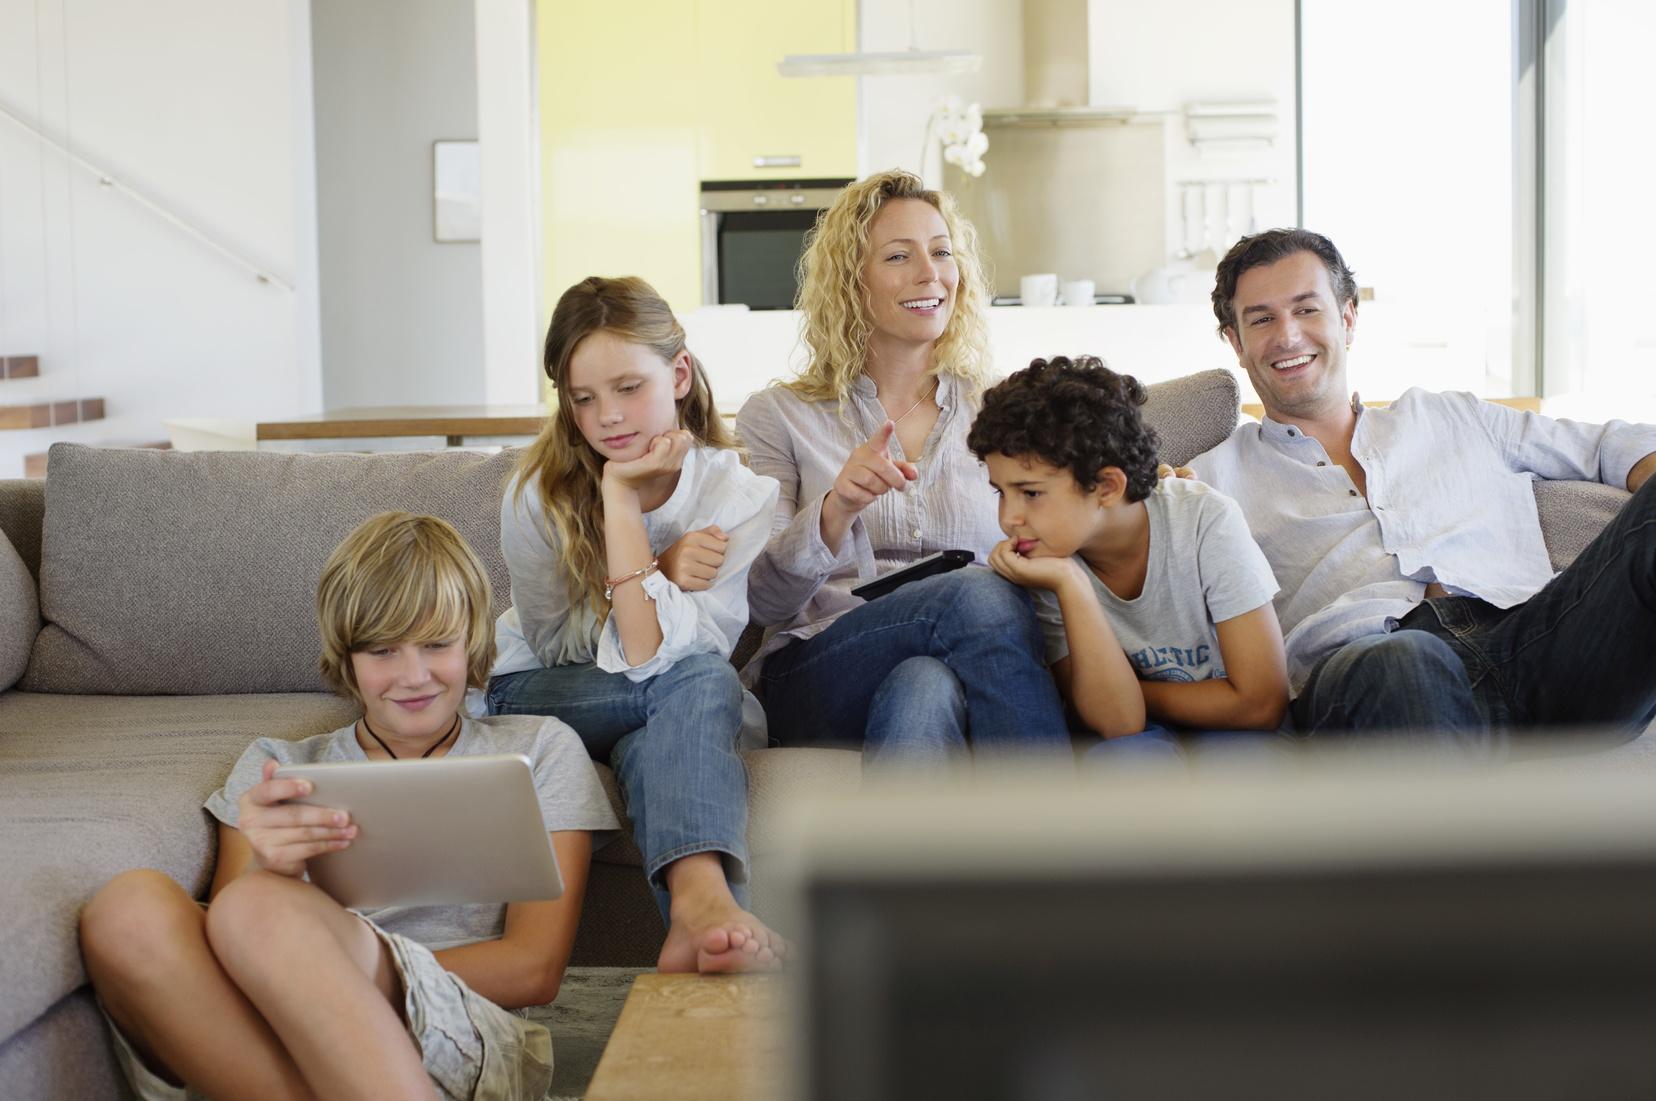 Famille - Bbox Smart TV - offre fixe triple play